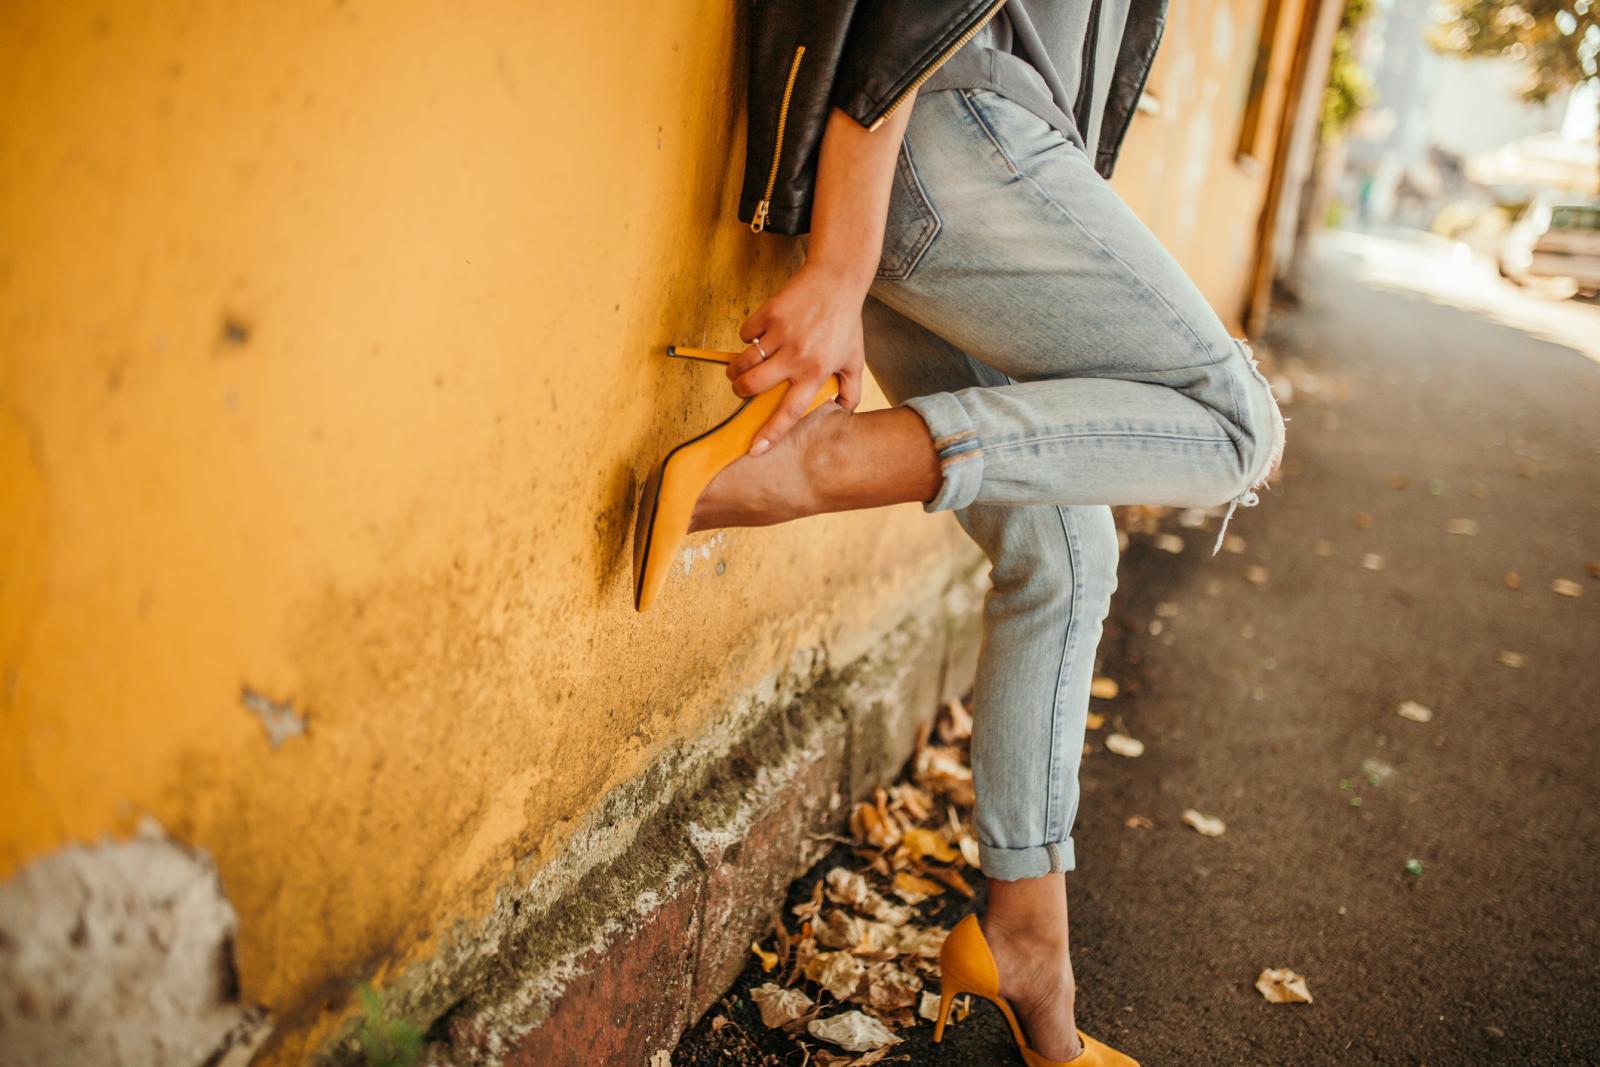 Svi mi imamo barem jedan par cipela od kojega bismo se nerado htjeli odvojiti... Ovi savjeti će sigurno pomoći.